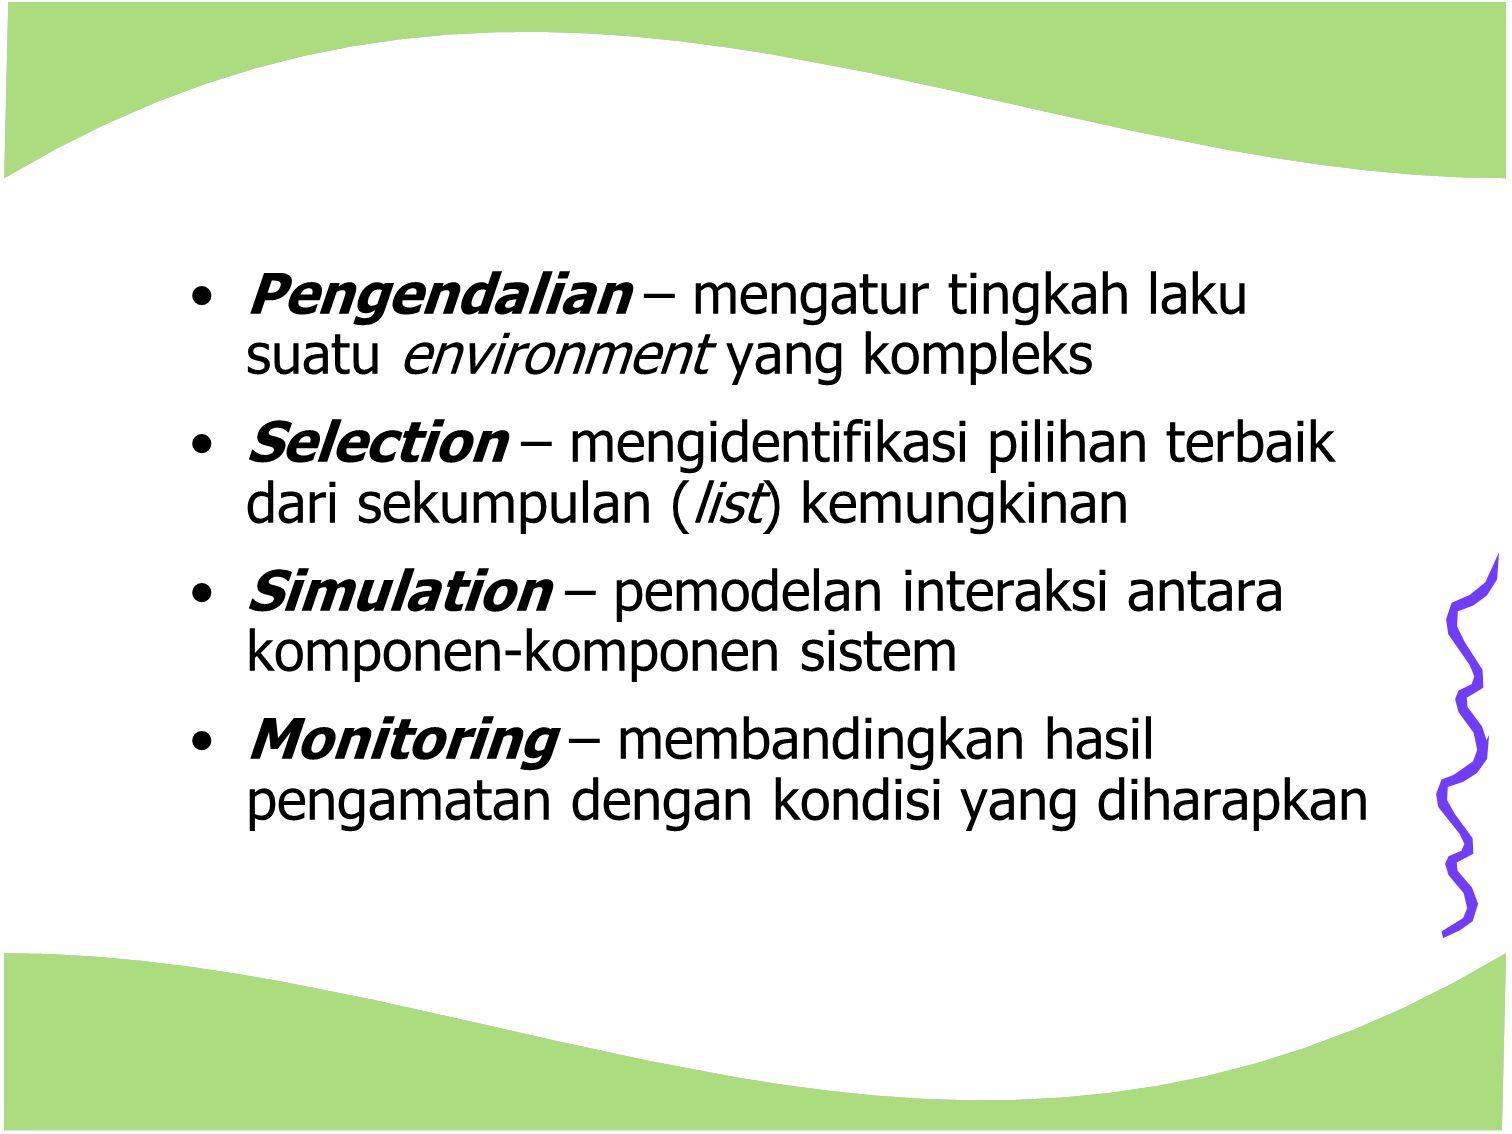 Pengendalian – mengatur tingkah laku suatu environment yang kompleks